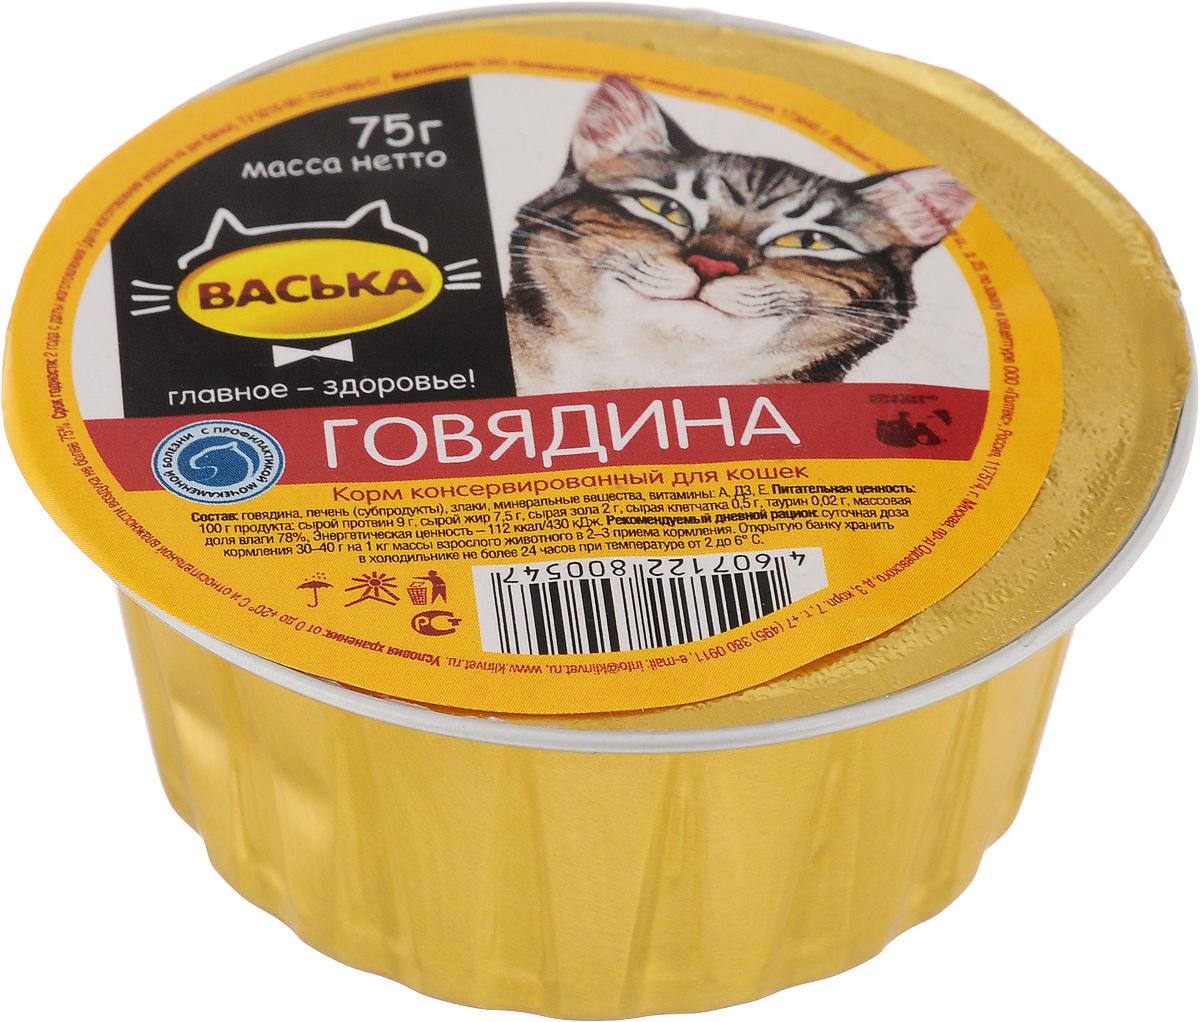 Консервы для кошек Васька, для профилактики мочекаменных болезней, говядина, 75 г0547Консервированный корм Васька - это сбалансированное и полнорационное питание, которое обеспечит вашего питомца необходимыми белками, жирами, витаминами и микроэлементами. Нежный паштет порадует кошек любых возрастов и вкусовых предпочтений. Высокий процент содержания влаги в продукте является отличной профилактикой возникновения мочекаменной болезни. Высокое содержание белков и жиров, а также важнейших микроэлементов и витаминов обеспечат вашу кошку энергией и здоровьем. Корм абсолютно натуральный, не содержит ГМО, ароматизаторов и искусственных красителей. Удобная одноразовая упаковка сохраняет корм свежим и позволяет контролировать порцию потребления.Товар сертифицирован.